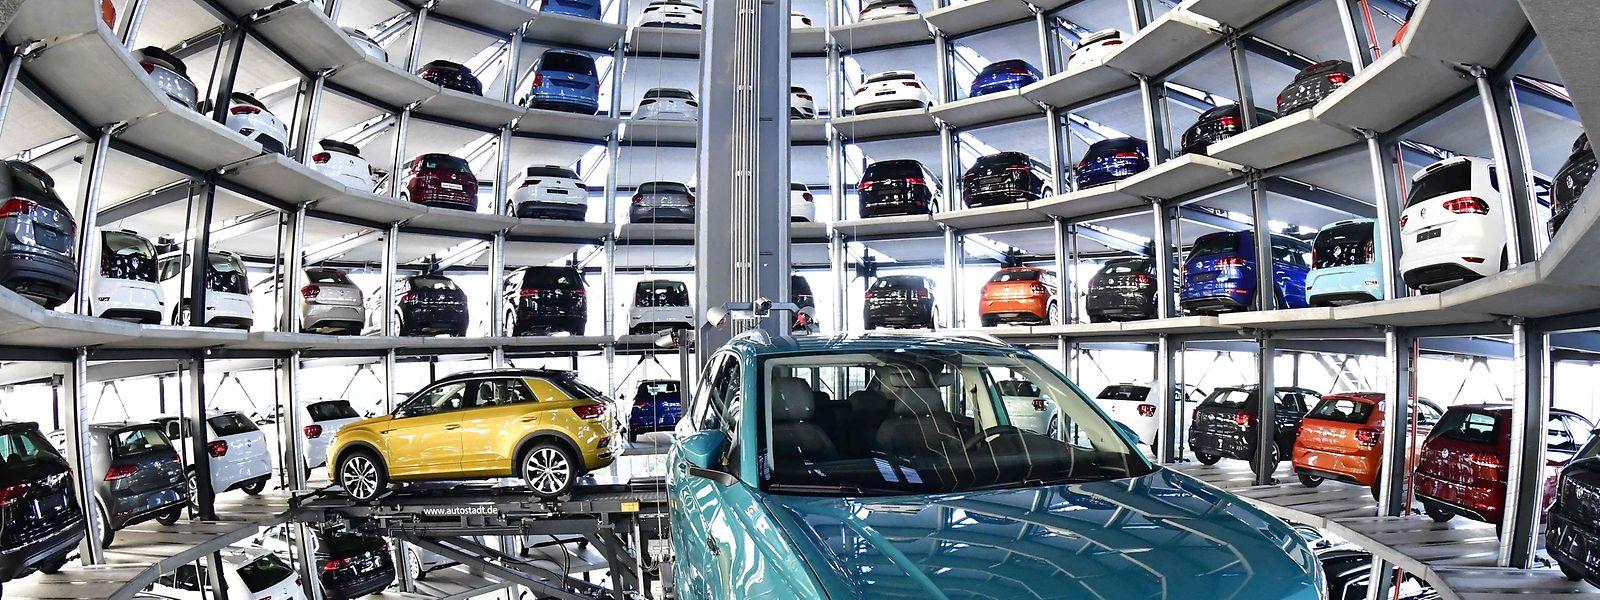 Le groupe Volkswagen continue d'accroître son rang de numéro des ventes en Europe malgré un marché morose